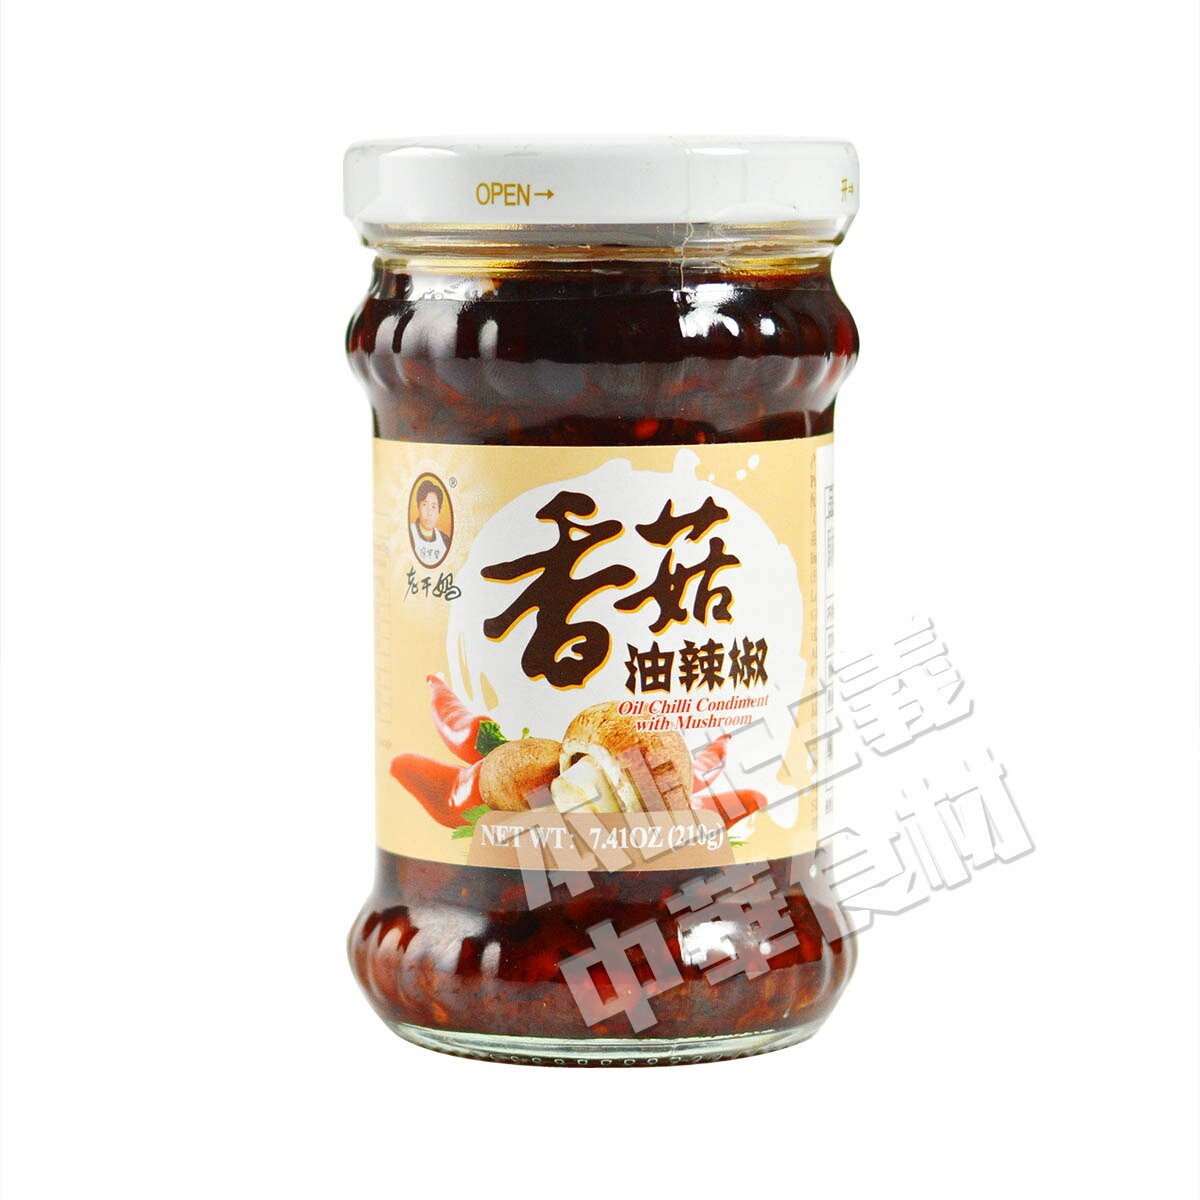 老干媽 香茹油辣椒(椎茸入り油製唐辛子)210g 中国名産・中華食材人気商品